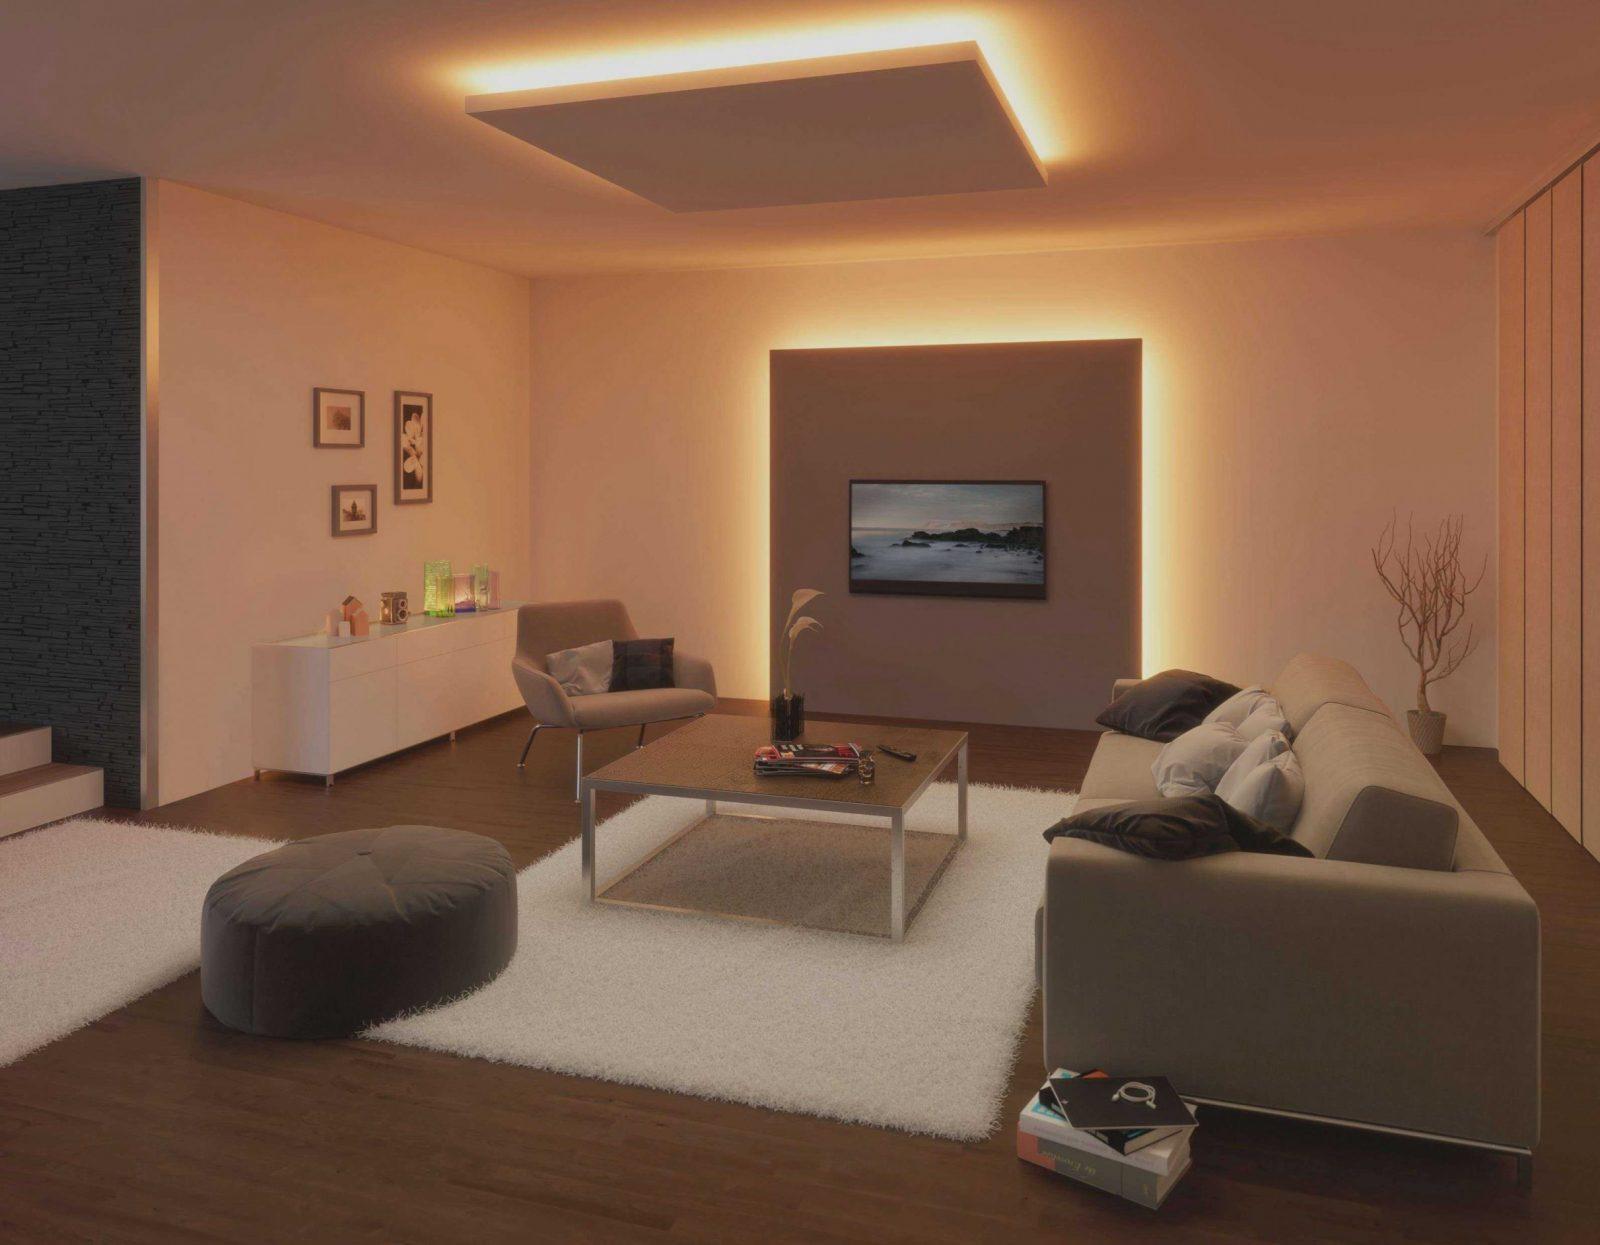 Wohnzimmer 20 Qm — Temobardz Home Blog von Wohnzimmer Decke Neu Gestalten Photo